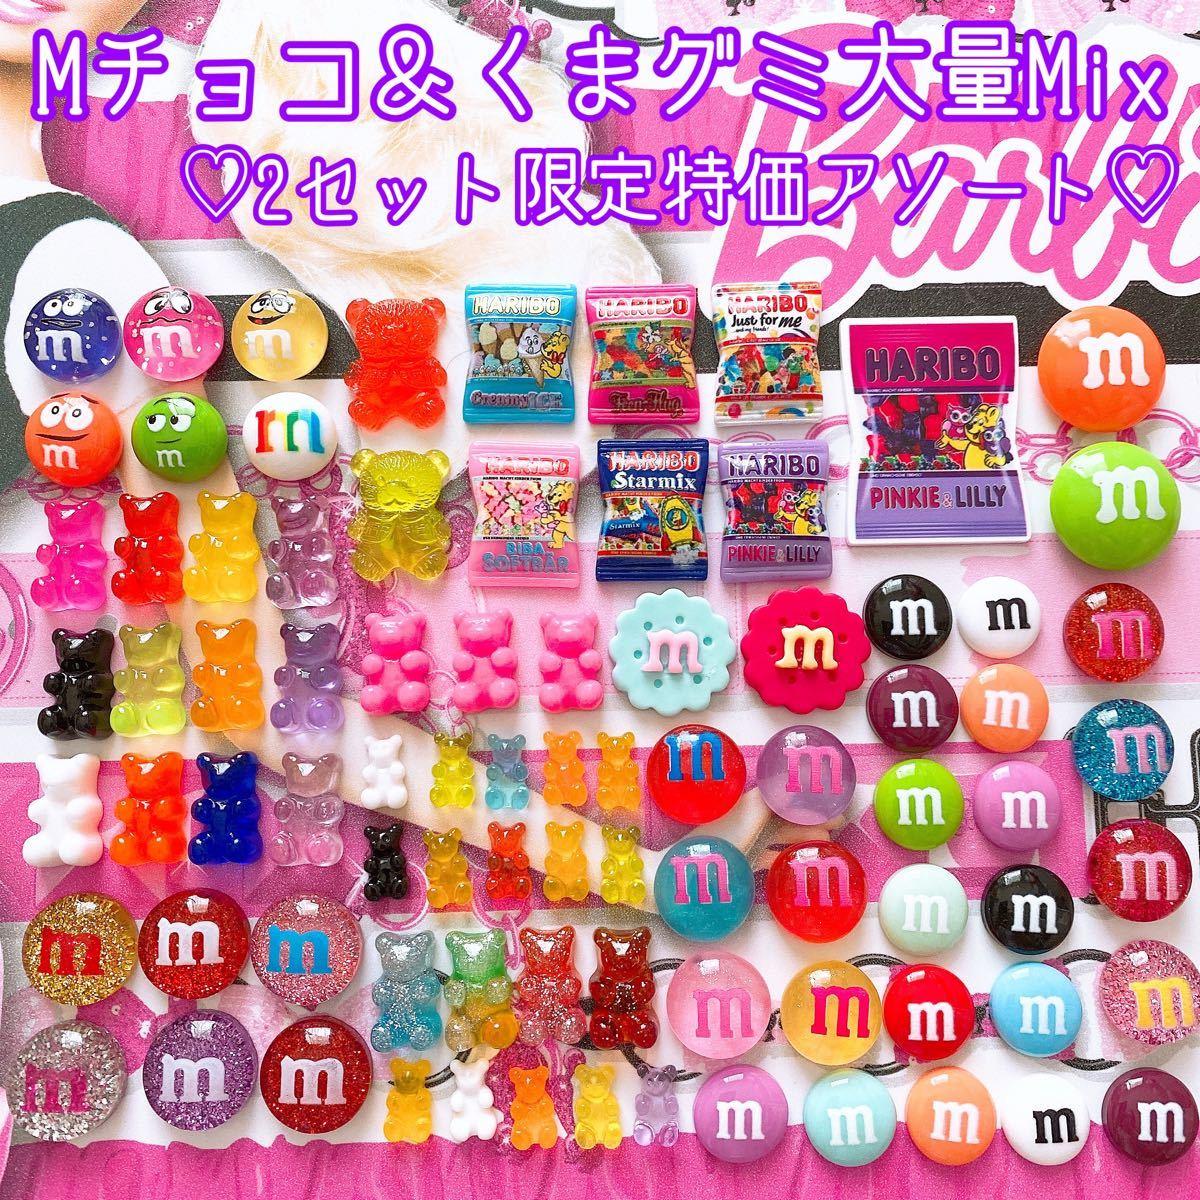 限定特価品★くまグミ&Mチョコ大量mix★デコパーツまとめ売り